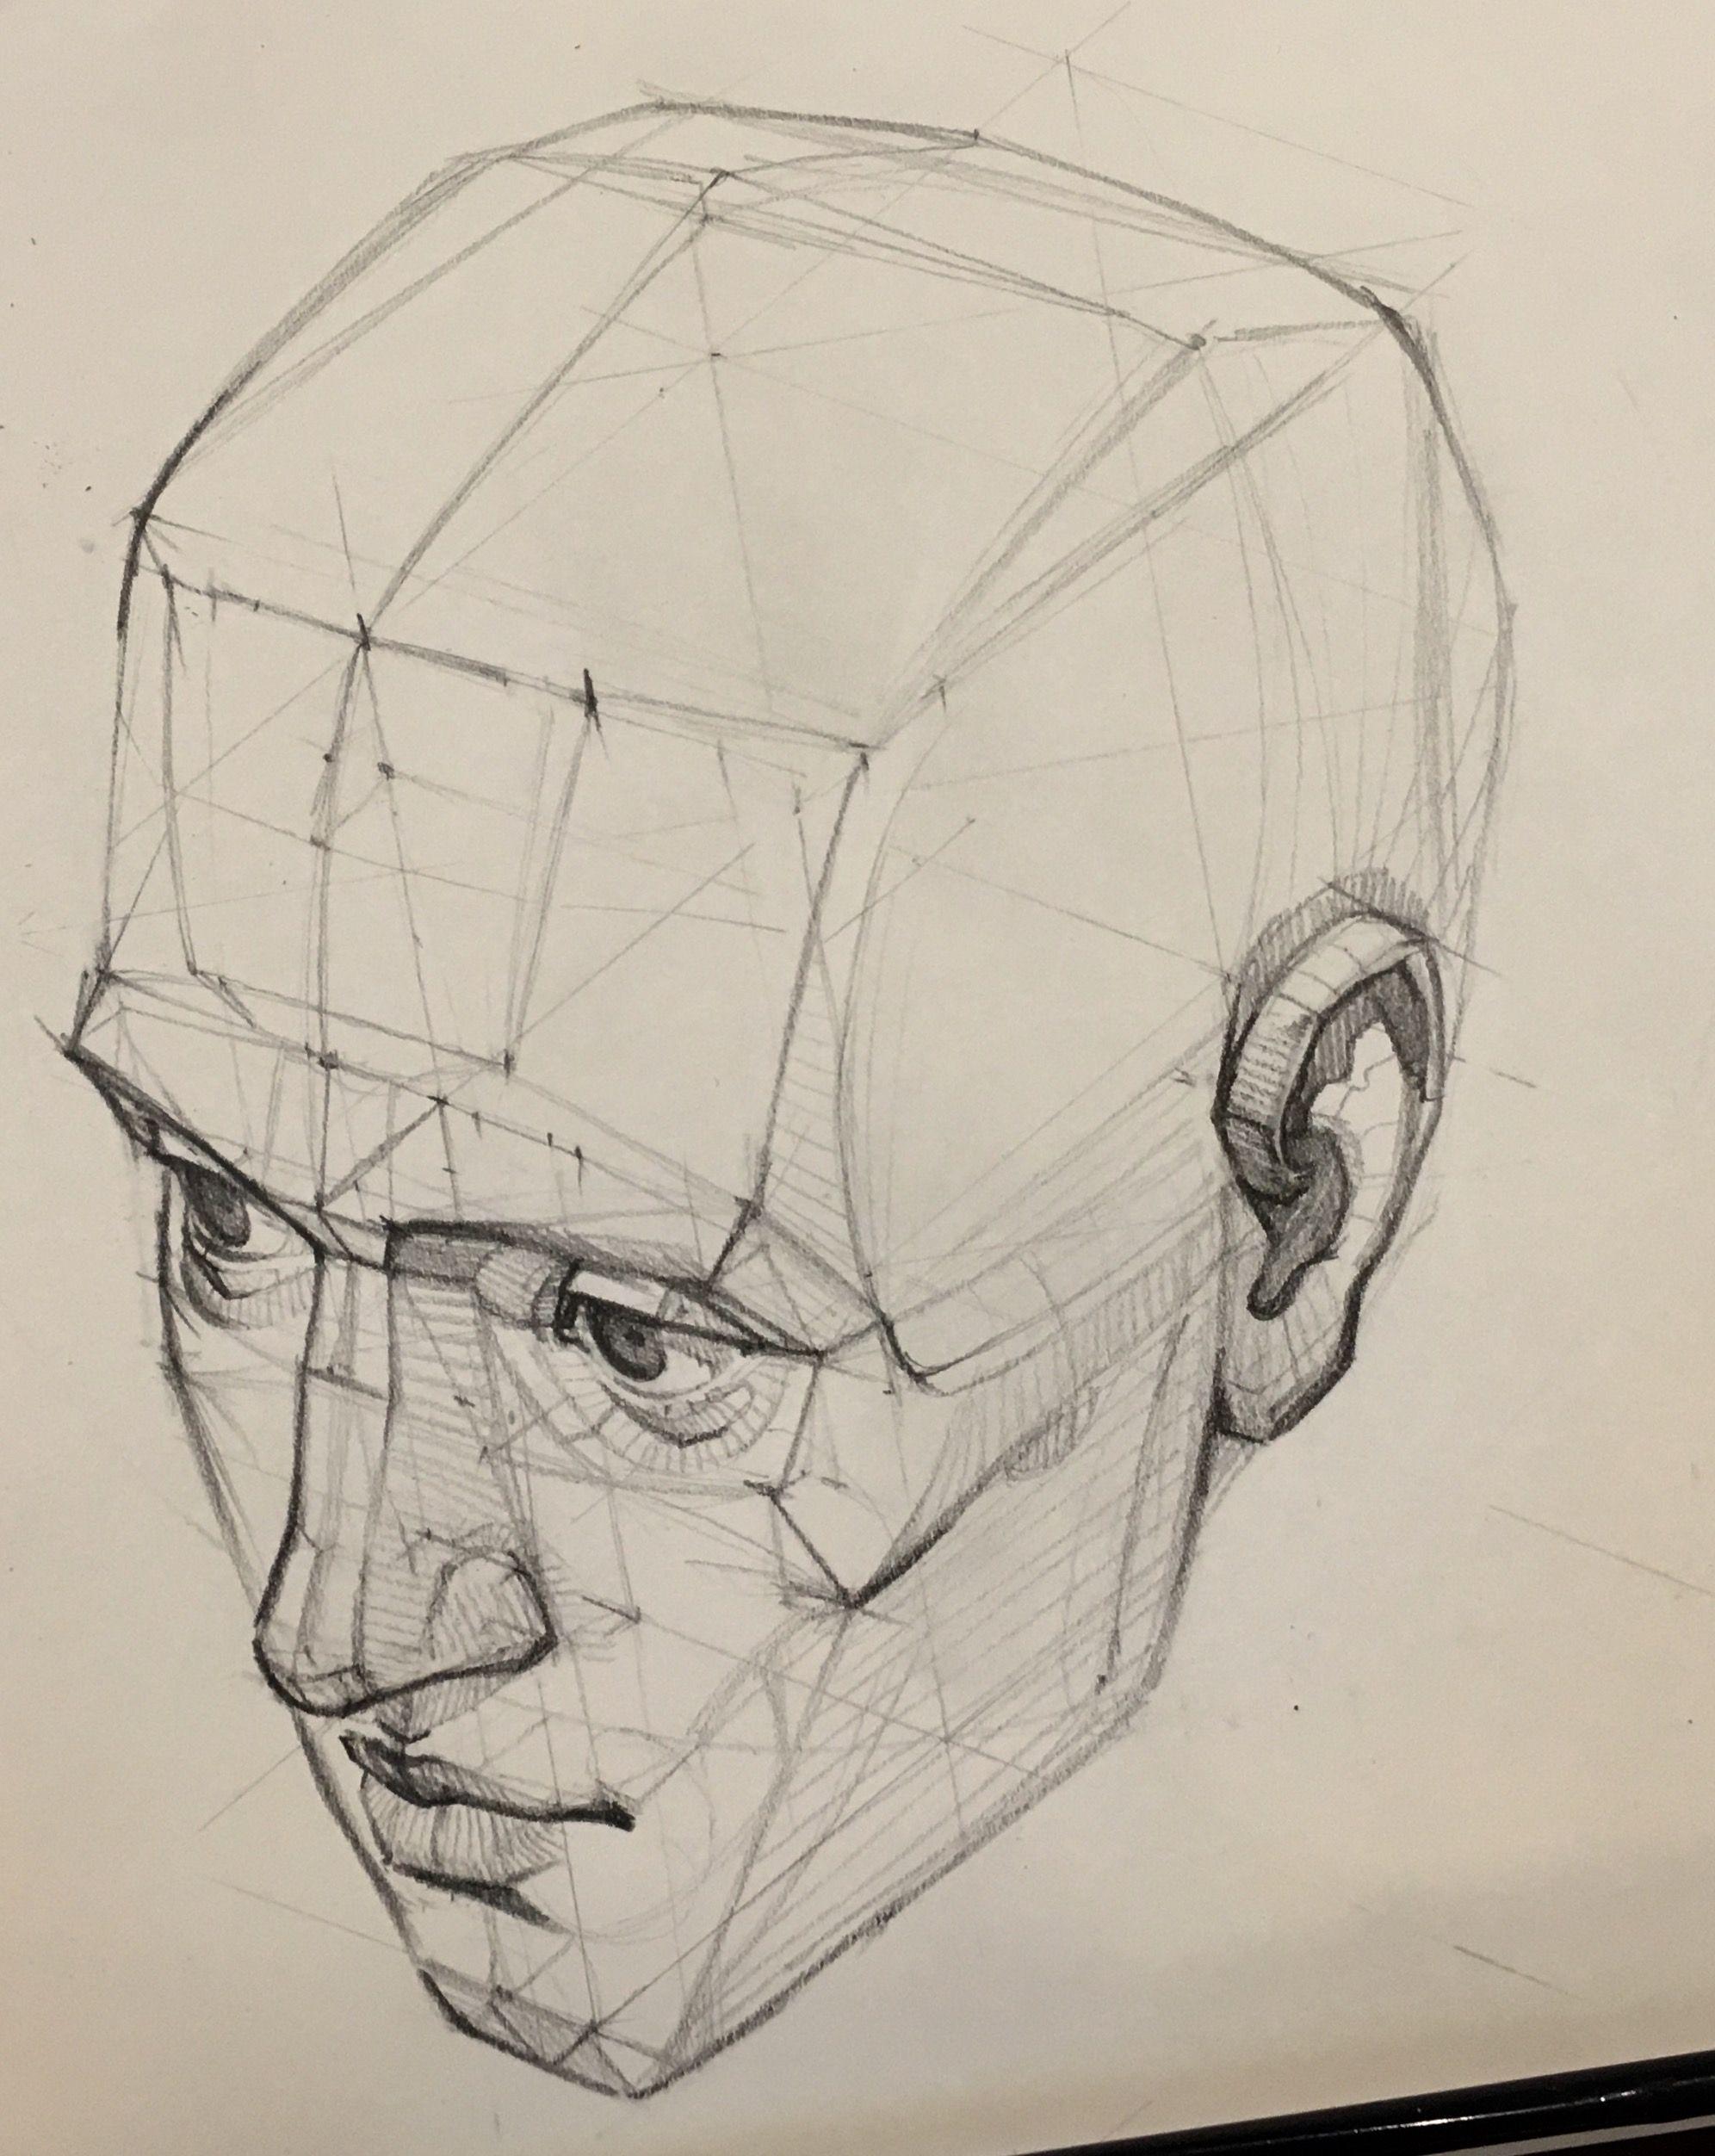 часы картинки рисунка головы карандашом удовольствием семья воспримет